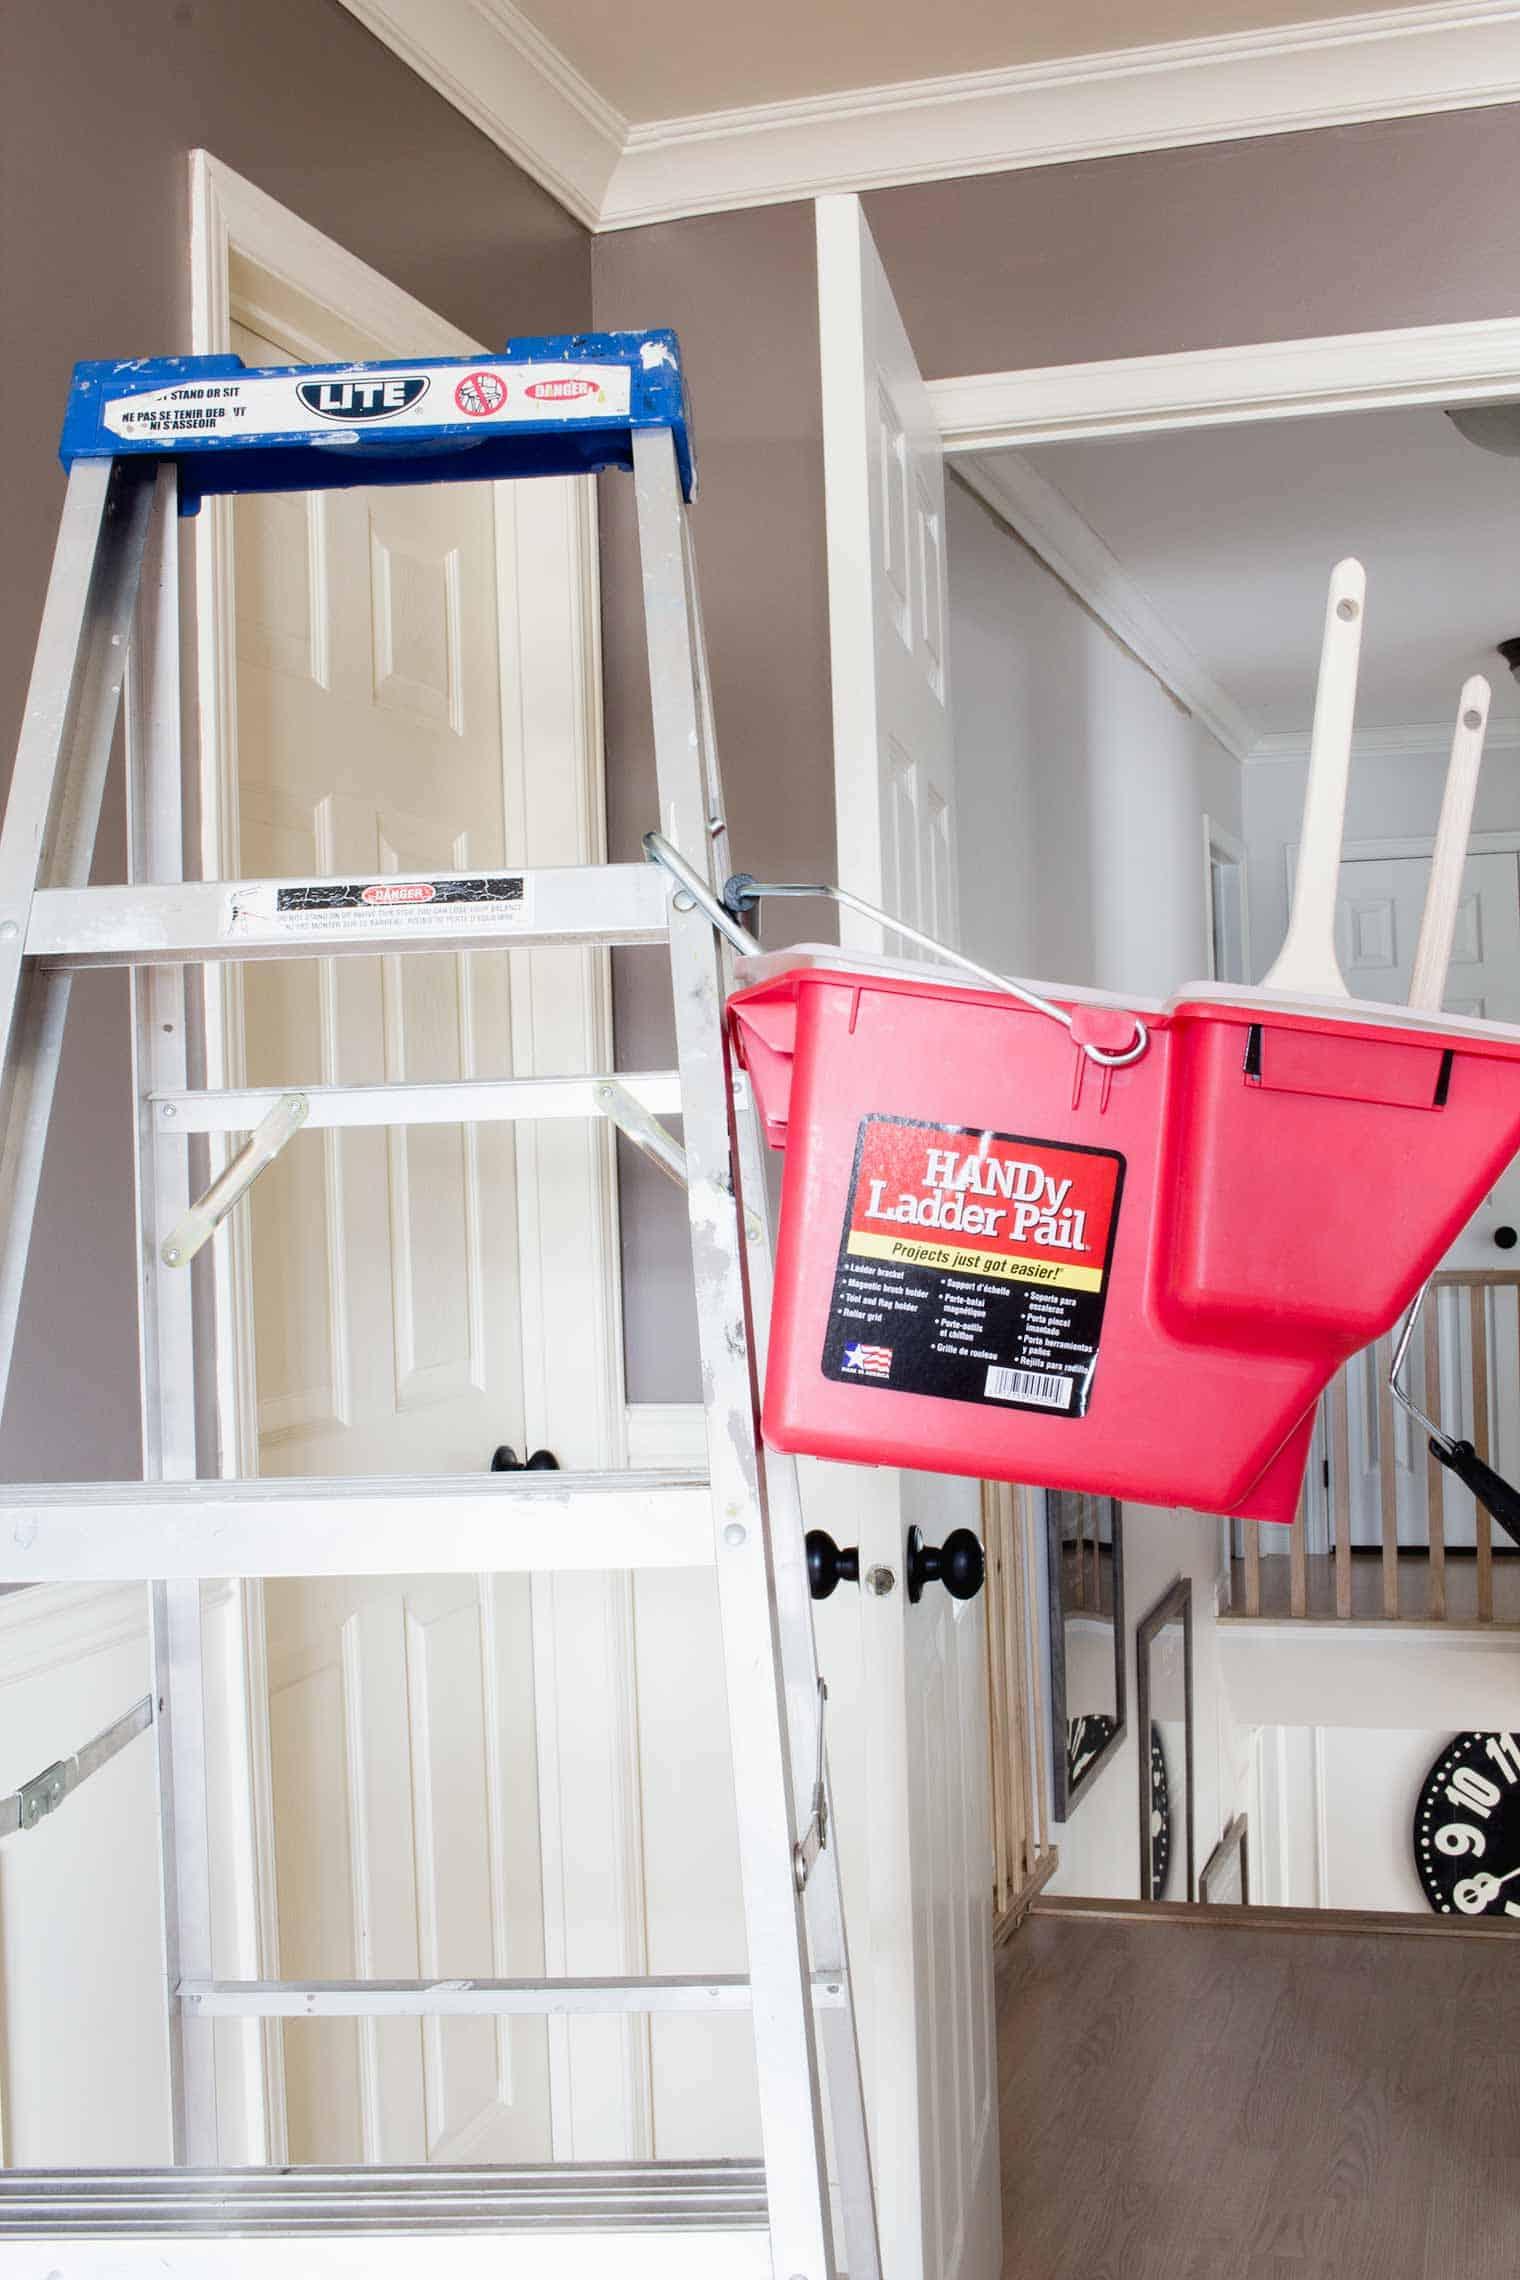 HANDy Paint Ladder Pail on an aluminum ladder